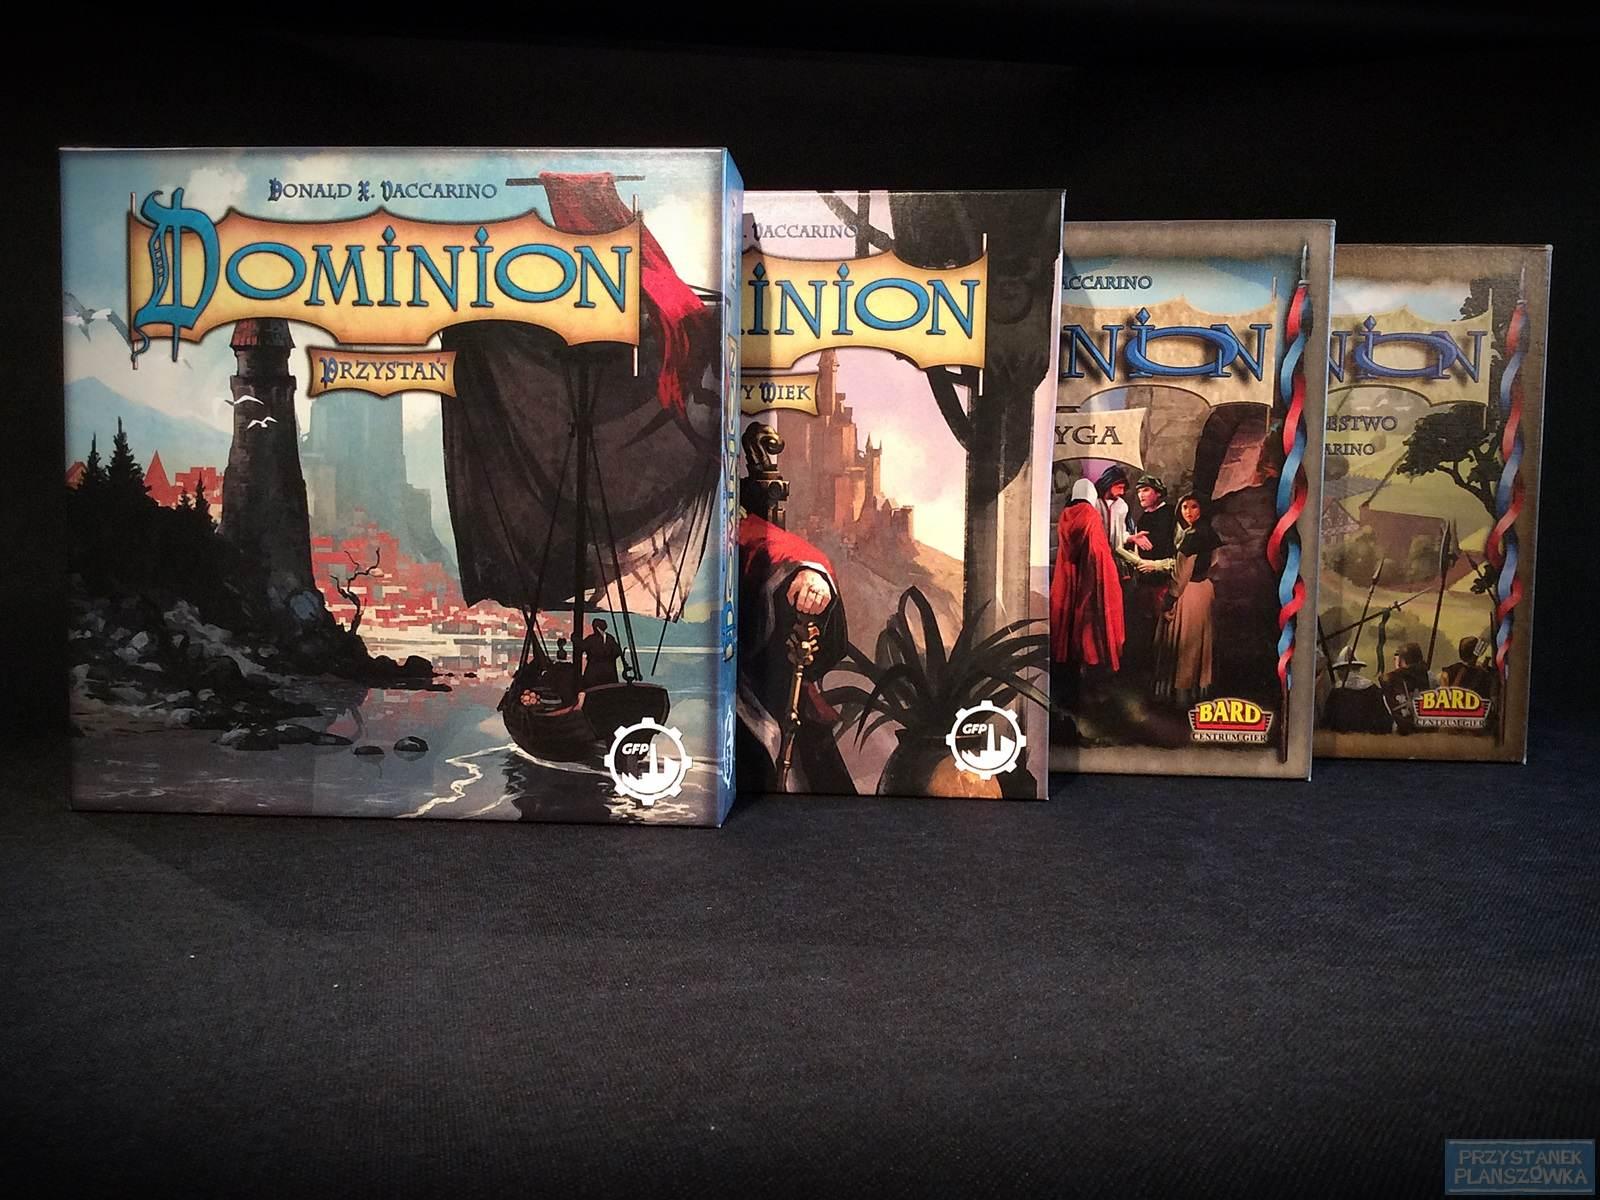 Dominion / fot. Przystanek Planszówka